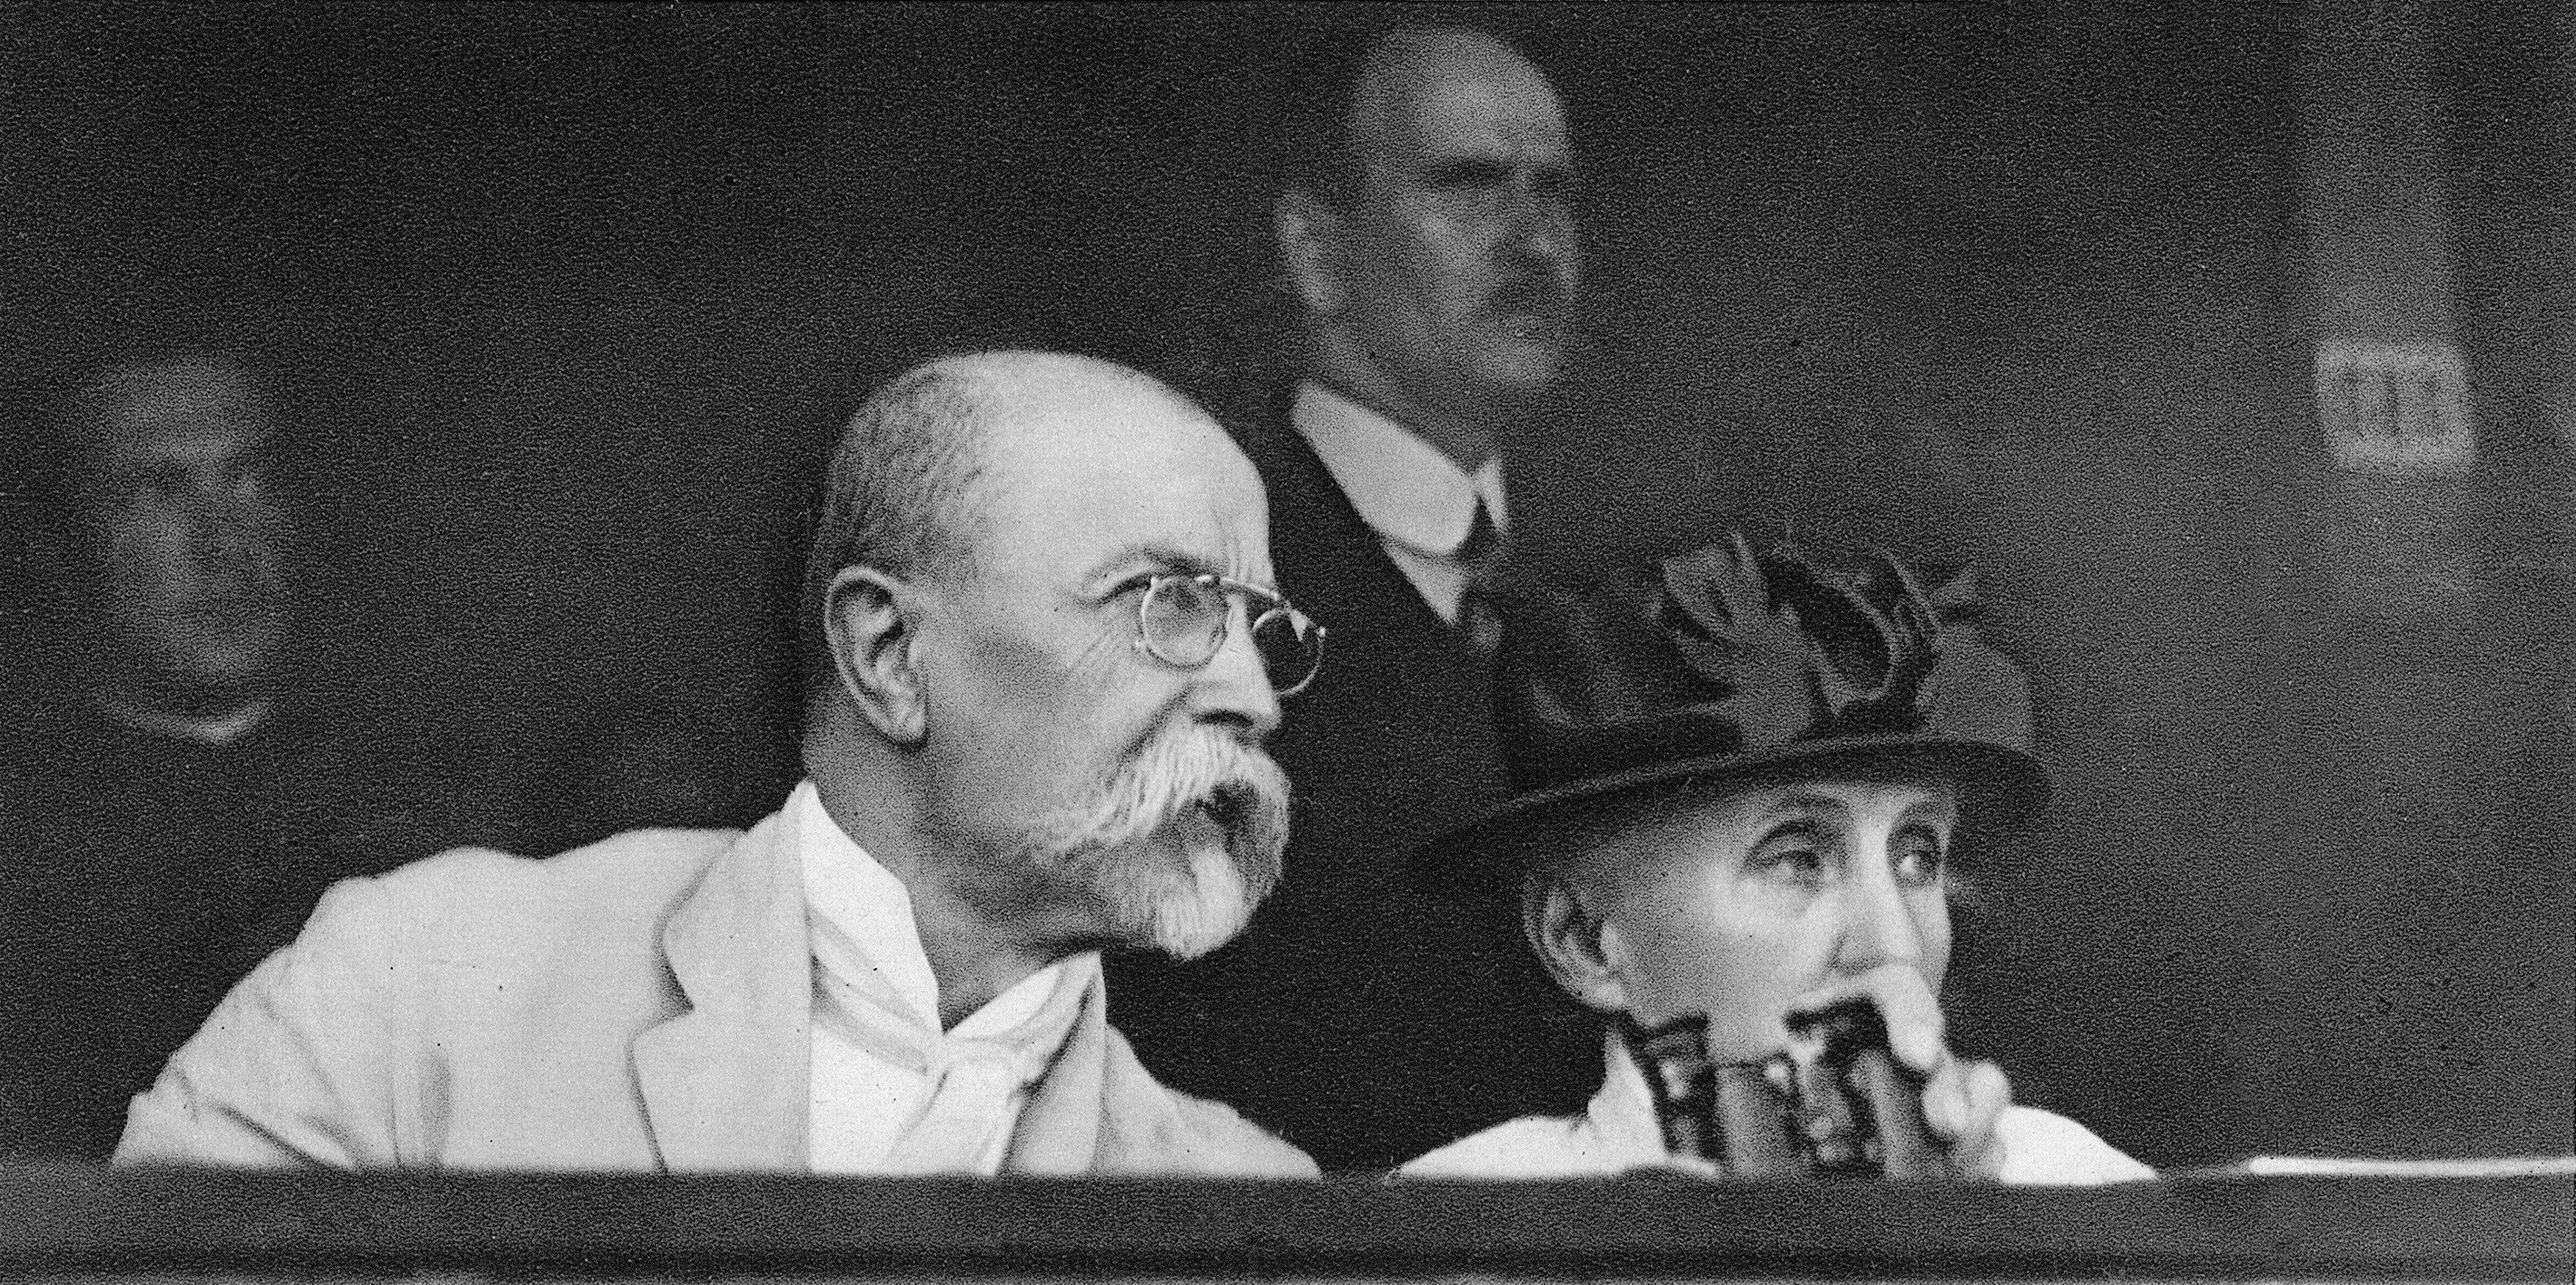 Tomáš Garrigue Masaryk na sokolském sletu s chotí roku 1920